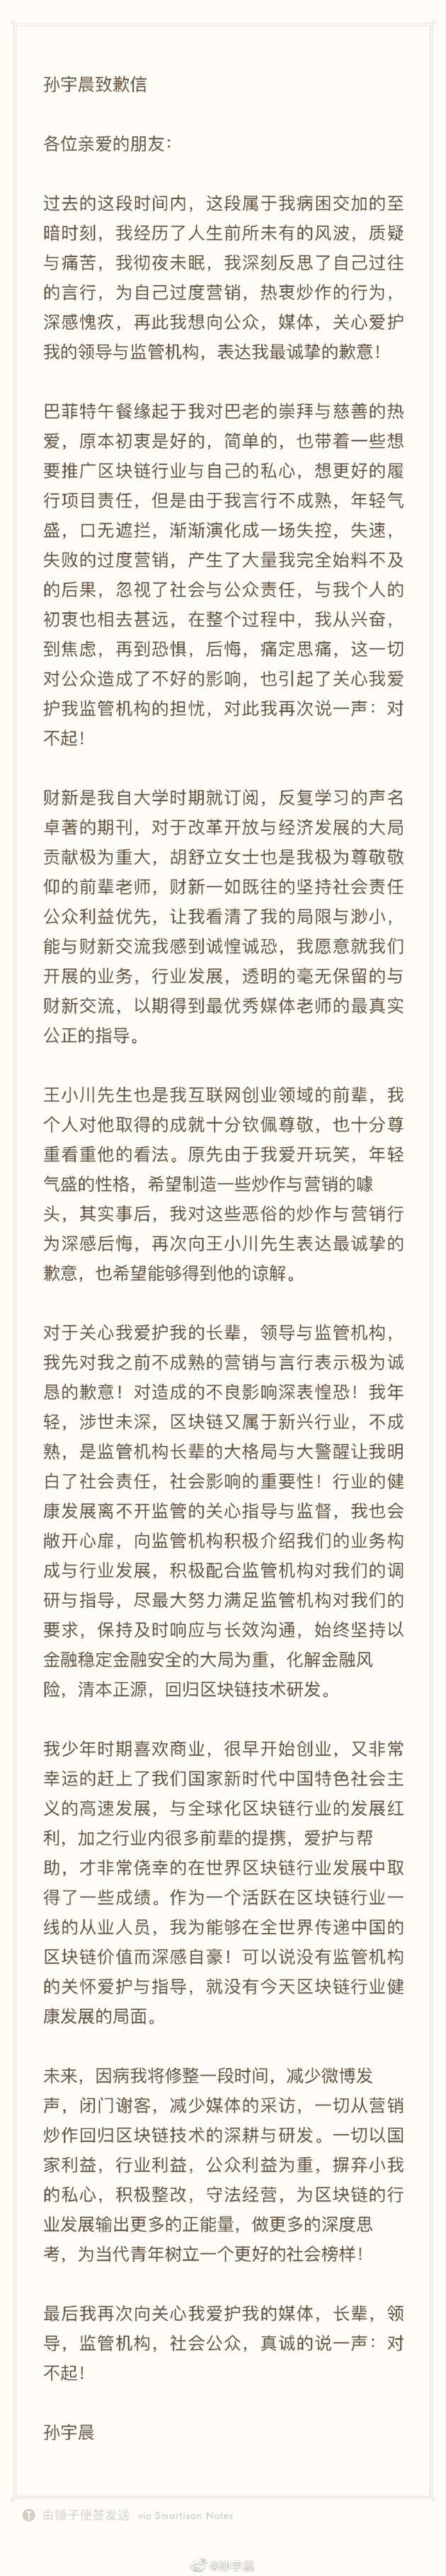 孙宇晨凌晨发致歉信:因言行不成熟导致过度营销|孙宇晨